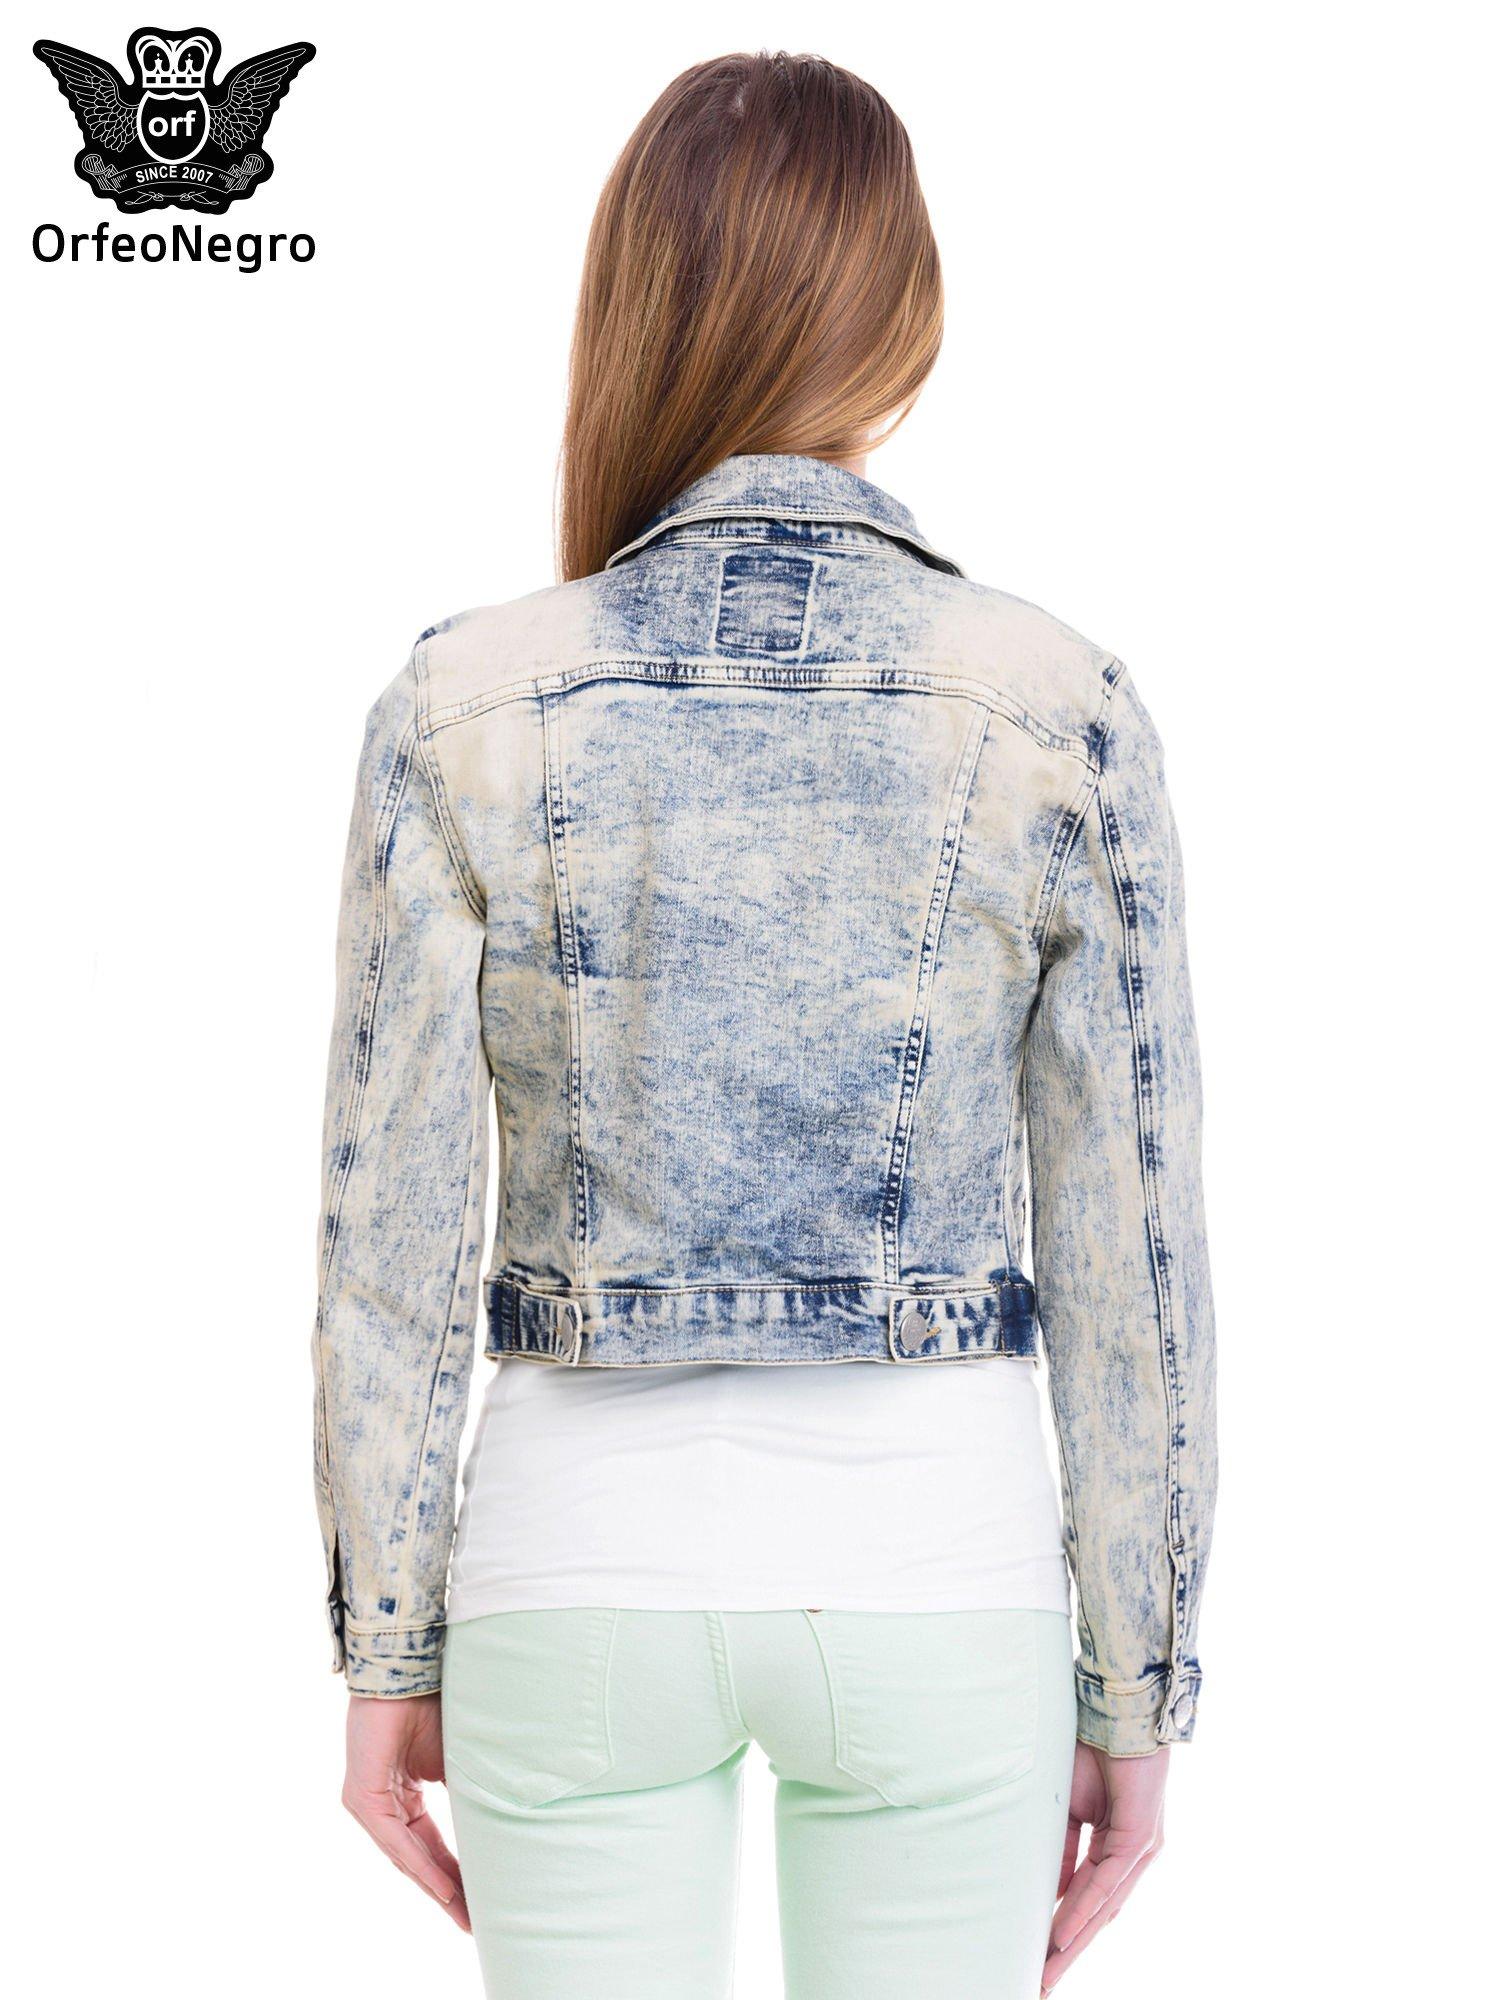 Jasnoniebieska kurtka jeansowa damska z marmurkowego denimu                                  zdj.                                  4